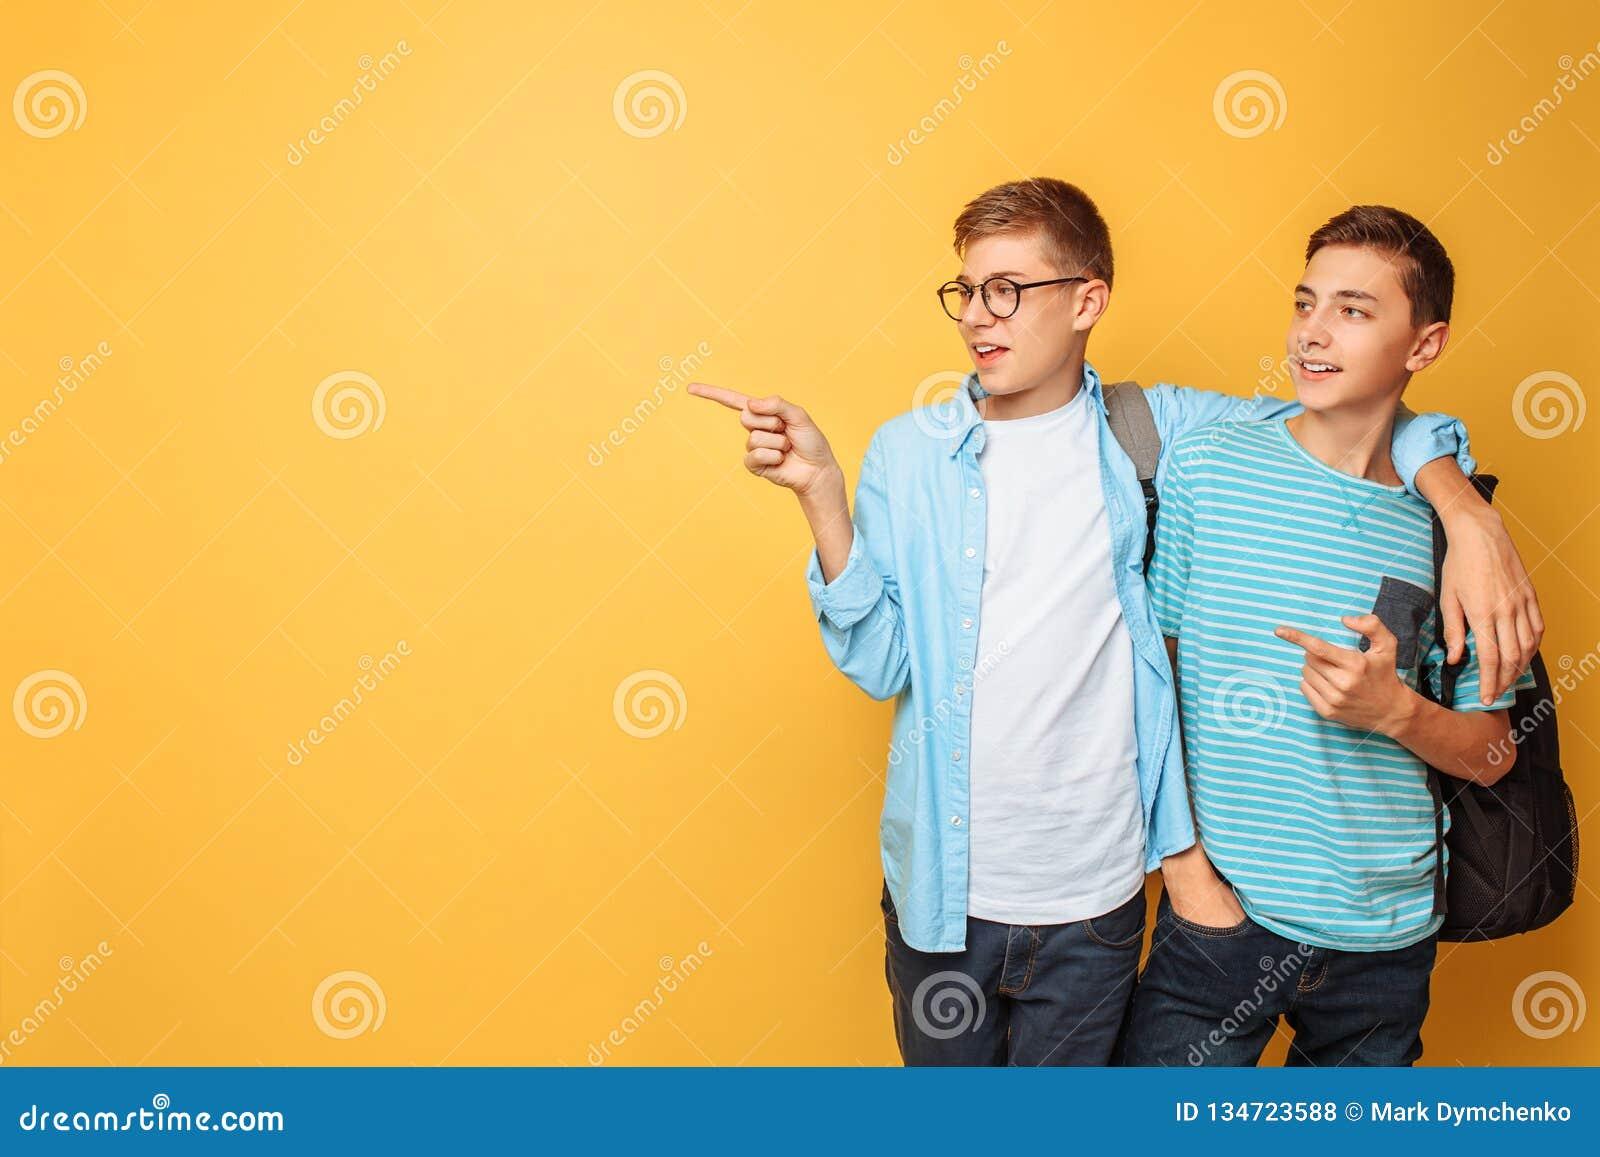 Dois adolescentes amigáveis, apontam o dedo no espaço vazio, em um fundo amarelo